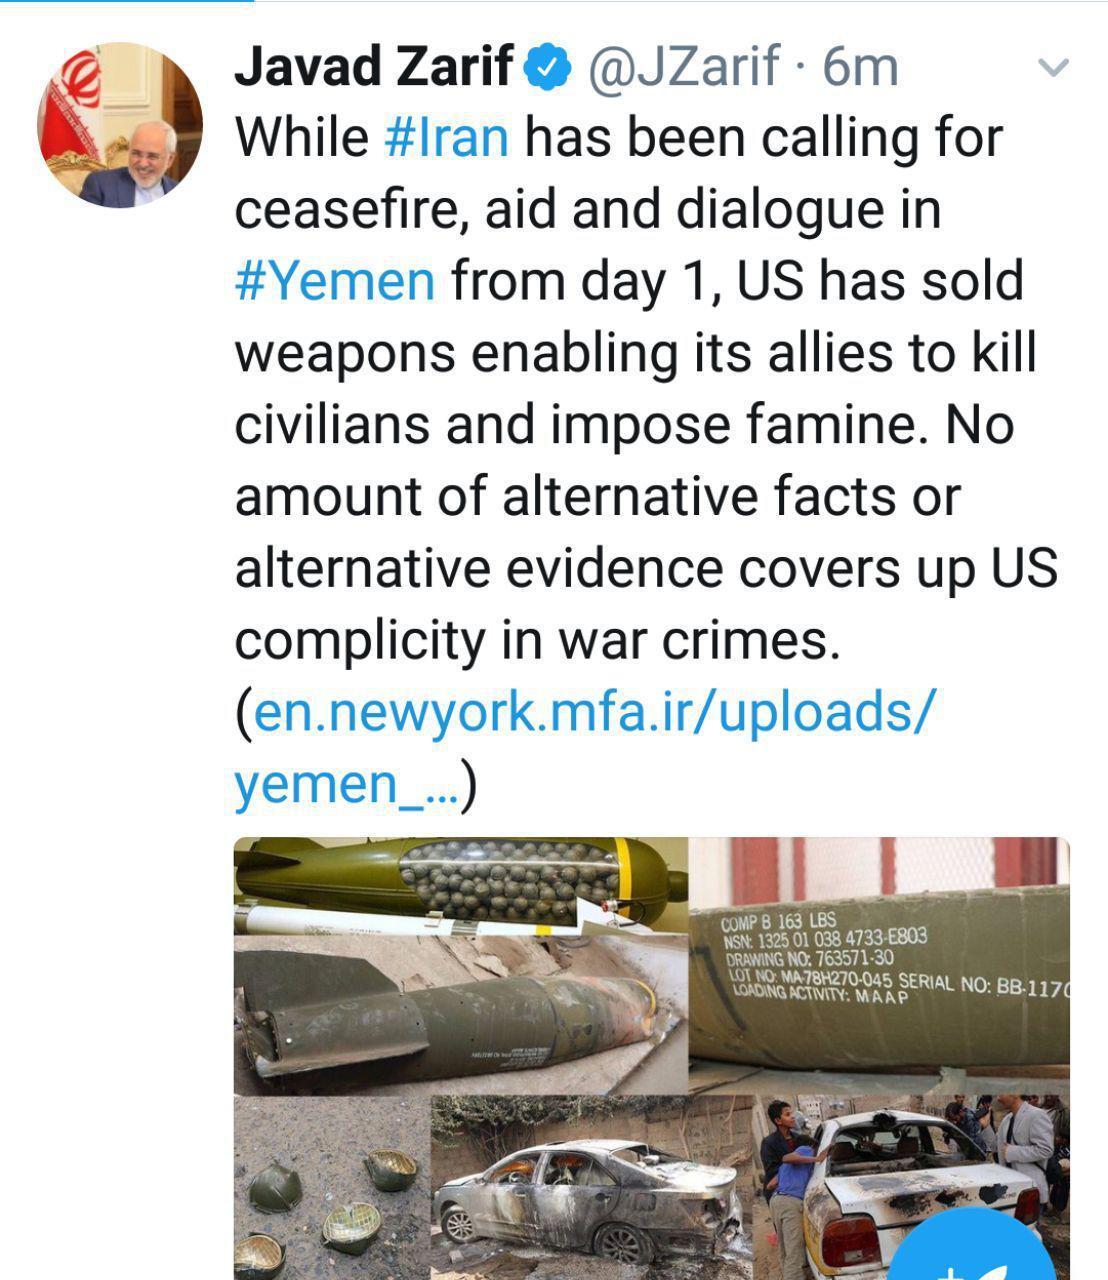 توئیت ظریف در خصوص فرافکنی و نقش آمریکایی ها در بحران یمن